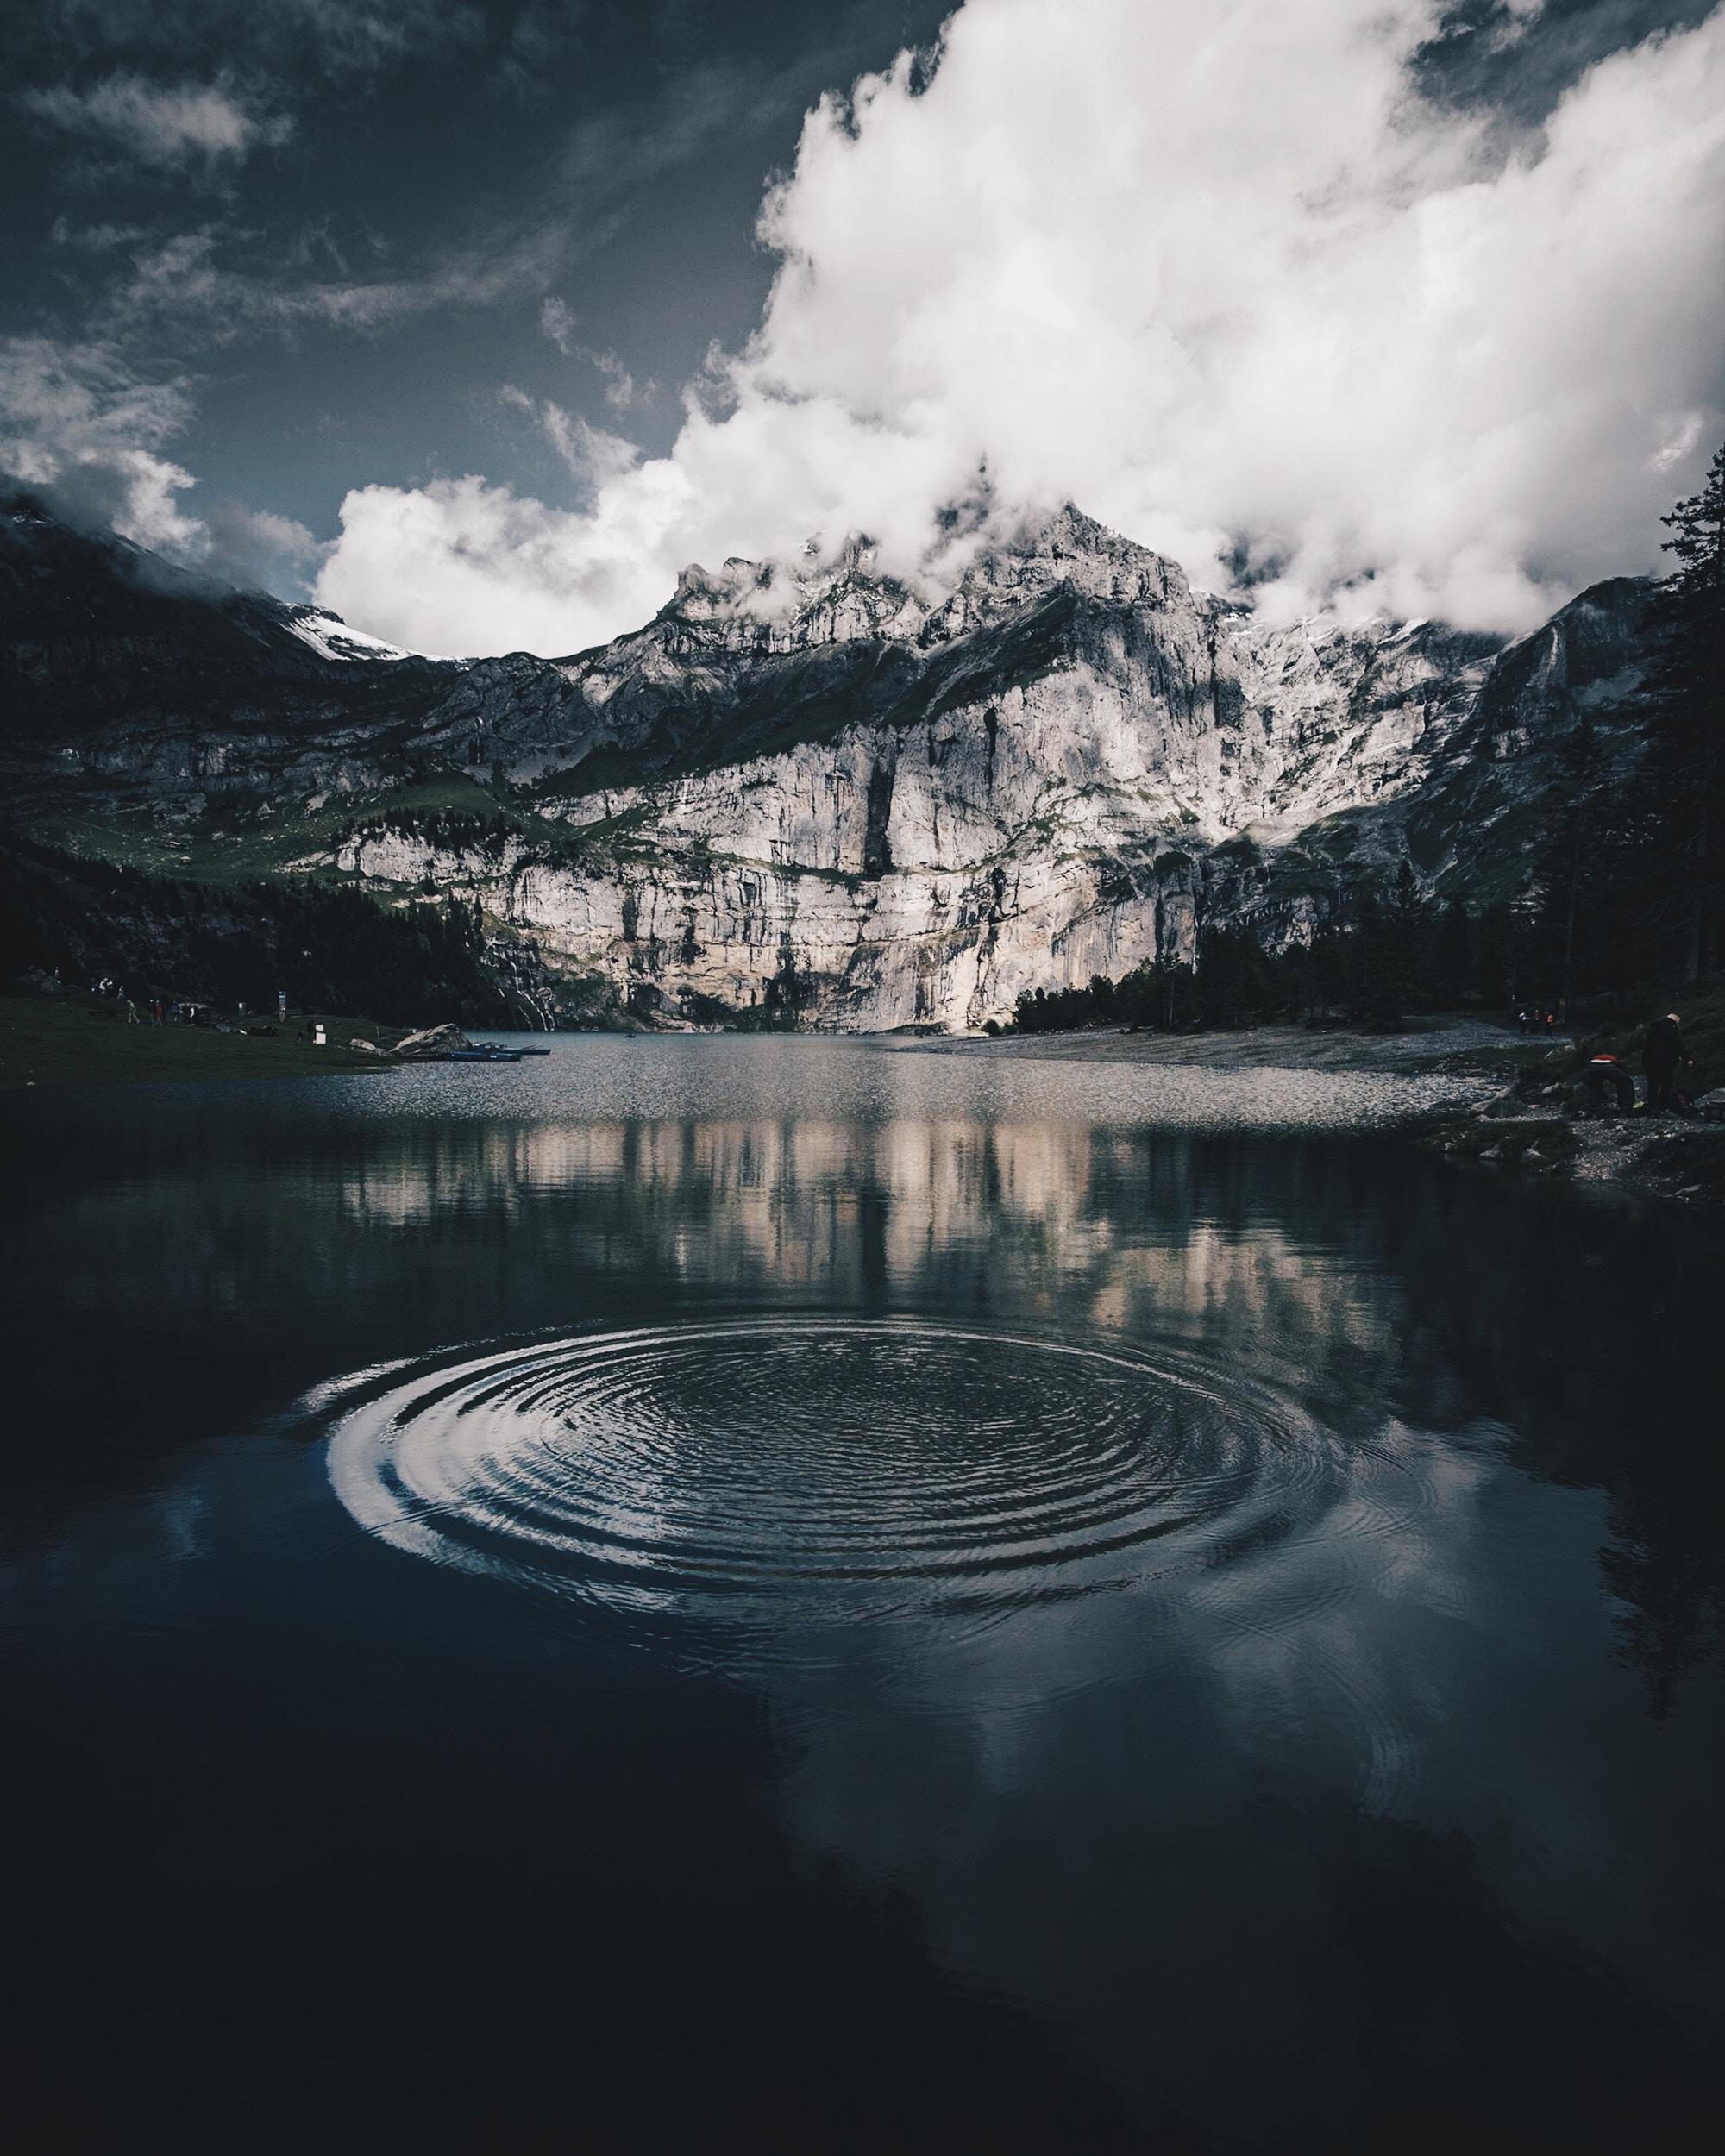 79900 скачать обои Швейцария, Природа, Вода, Горы, Озеро, Эшинензе, Кандерштег - заставки и картинки бесплатно